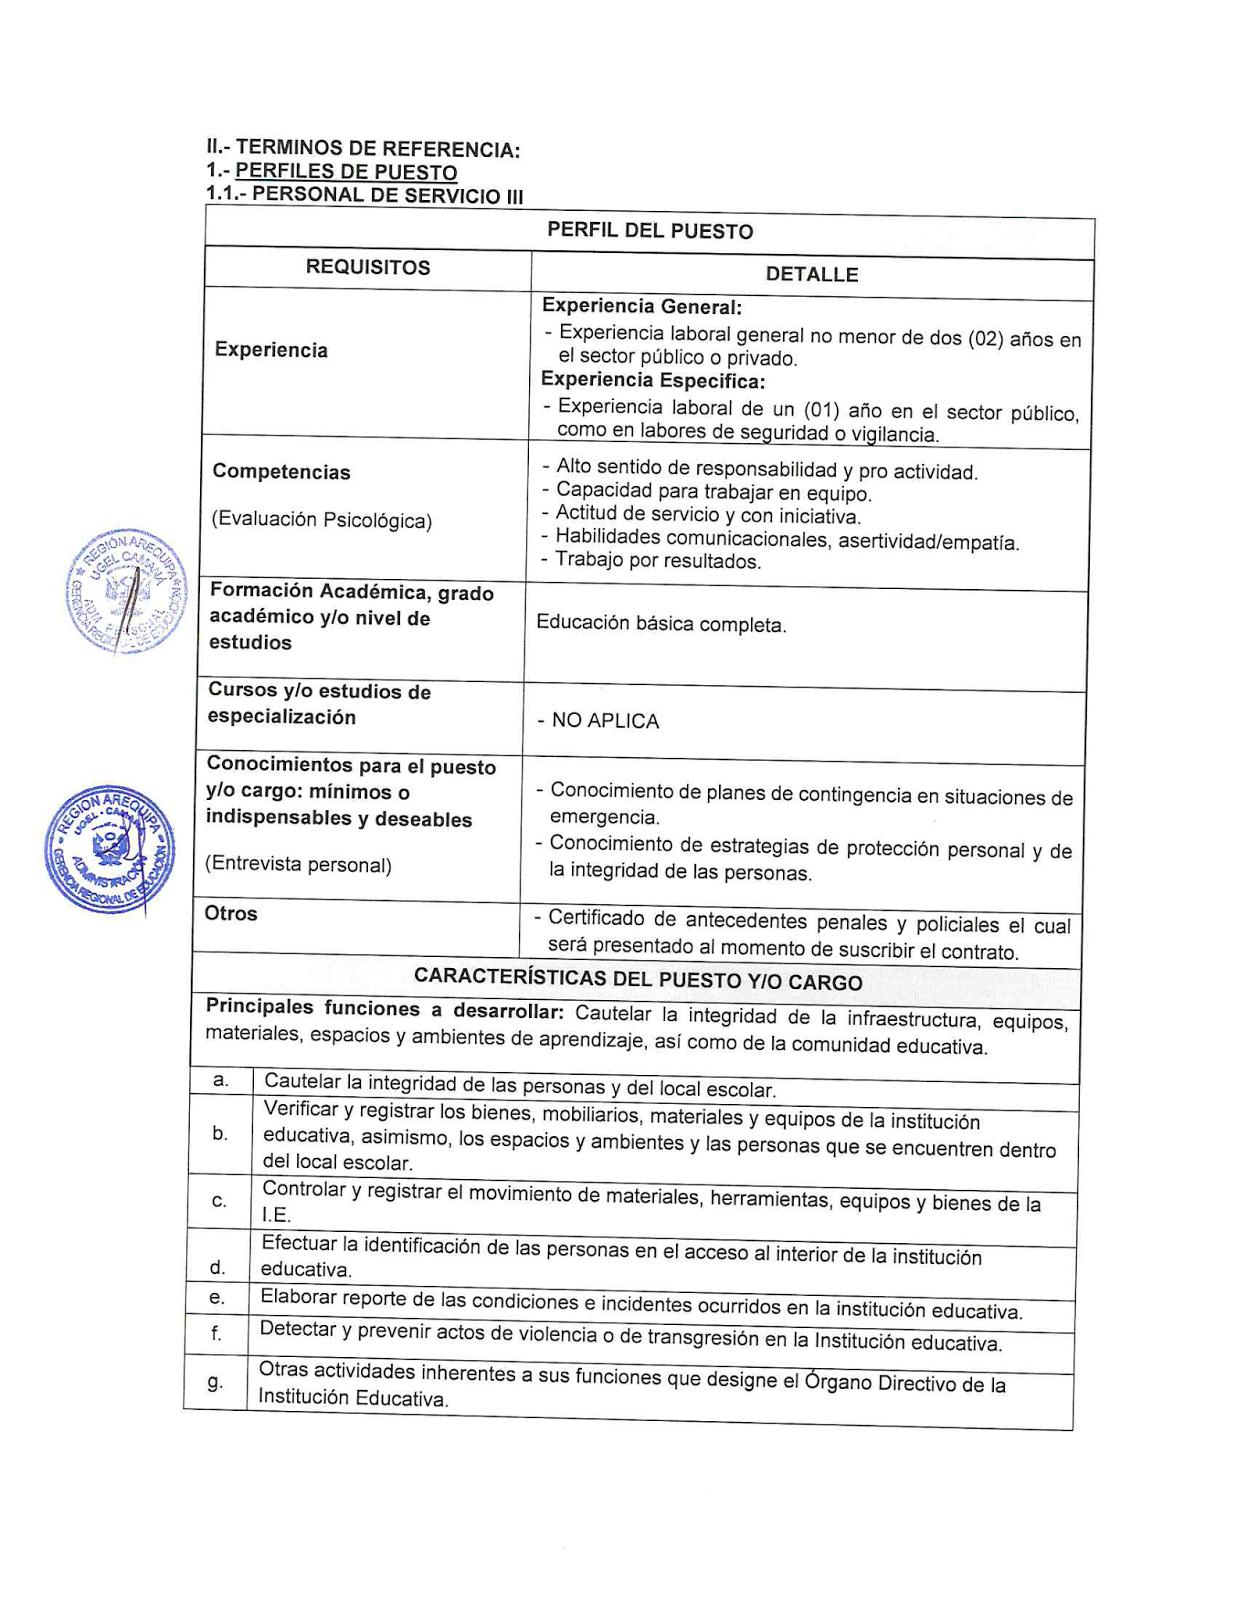 Convocatoria cas para trabajador de servicio iii ugel for Convocatoria para docentes